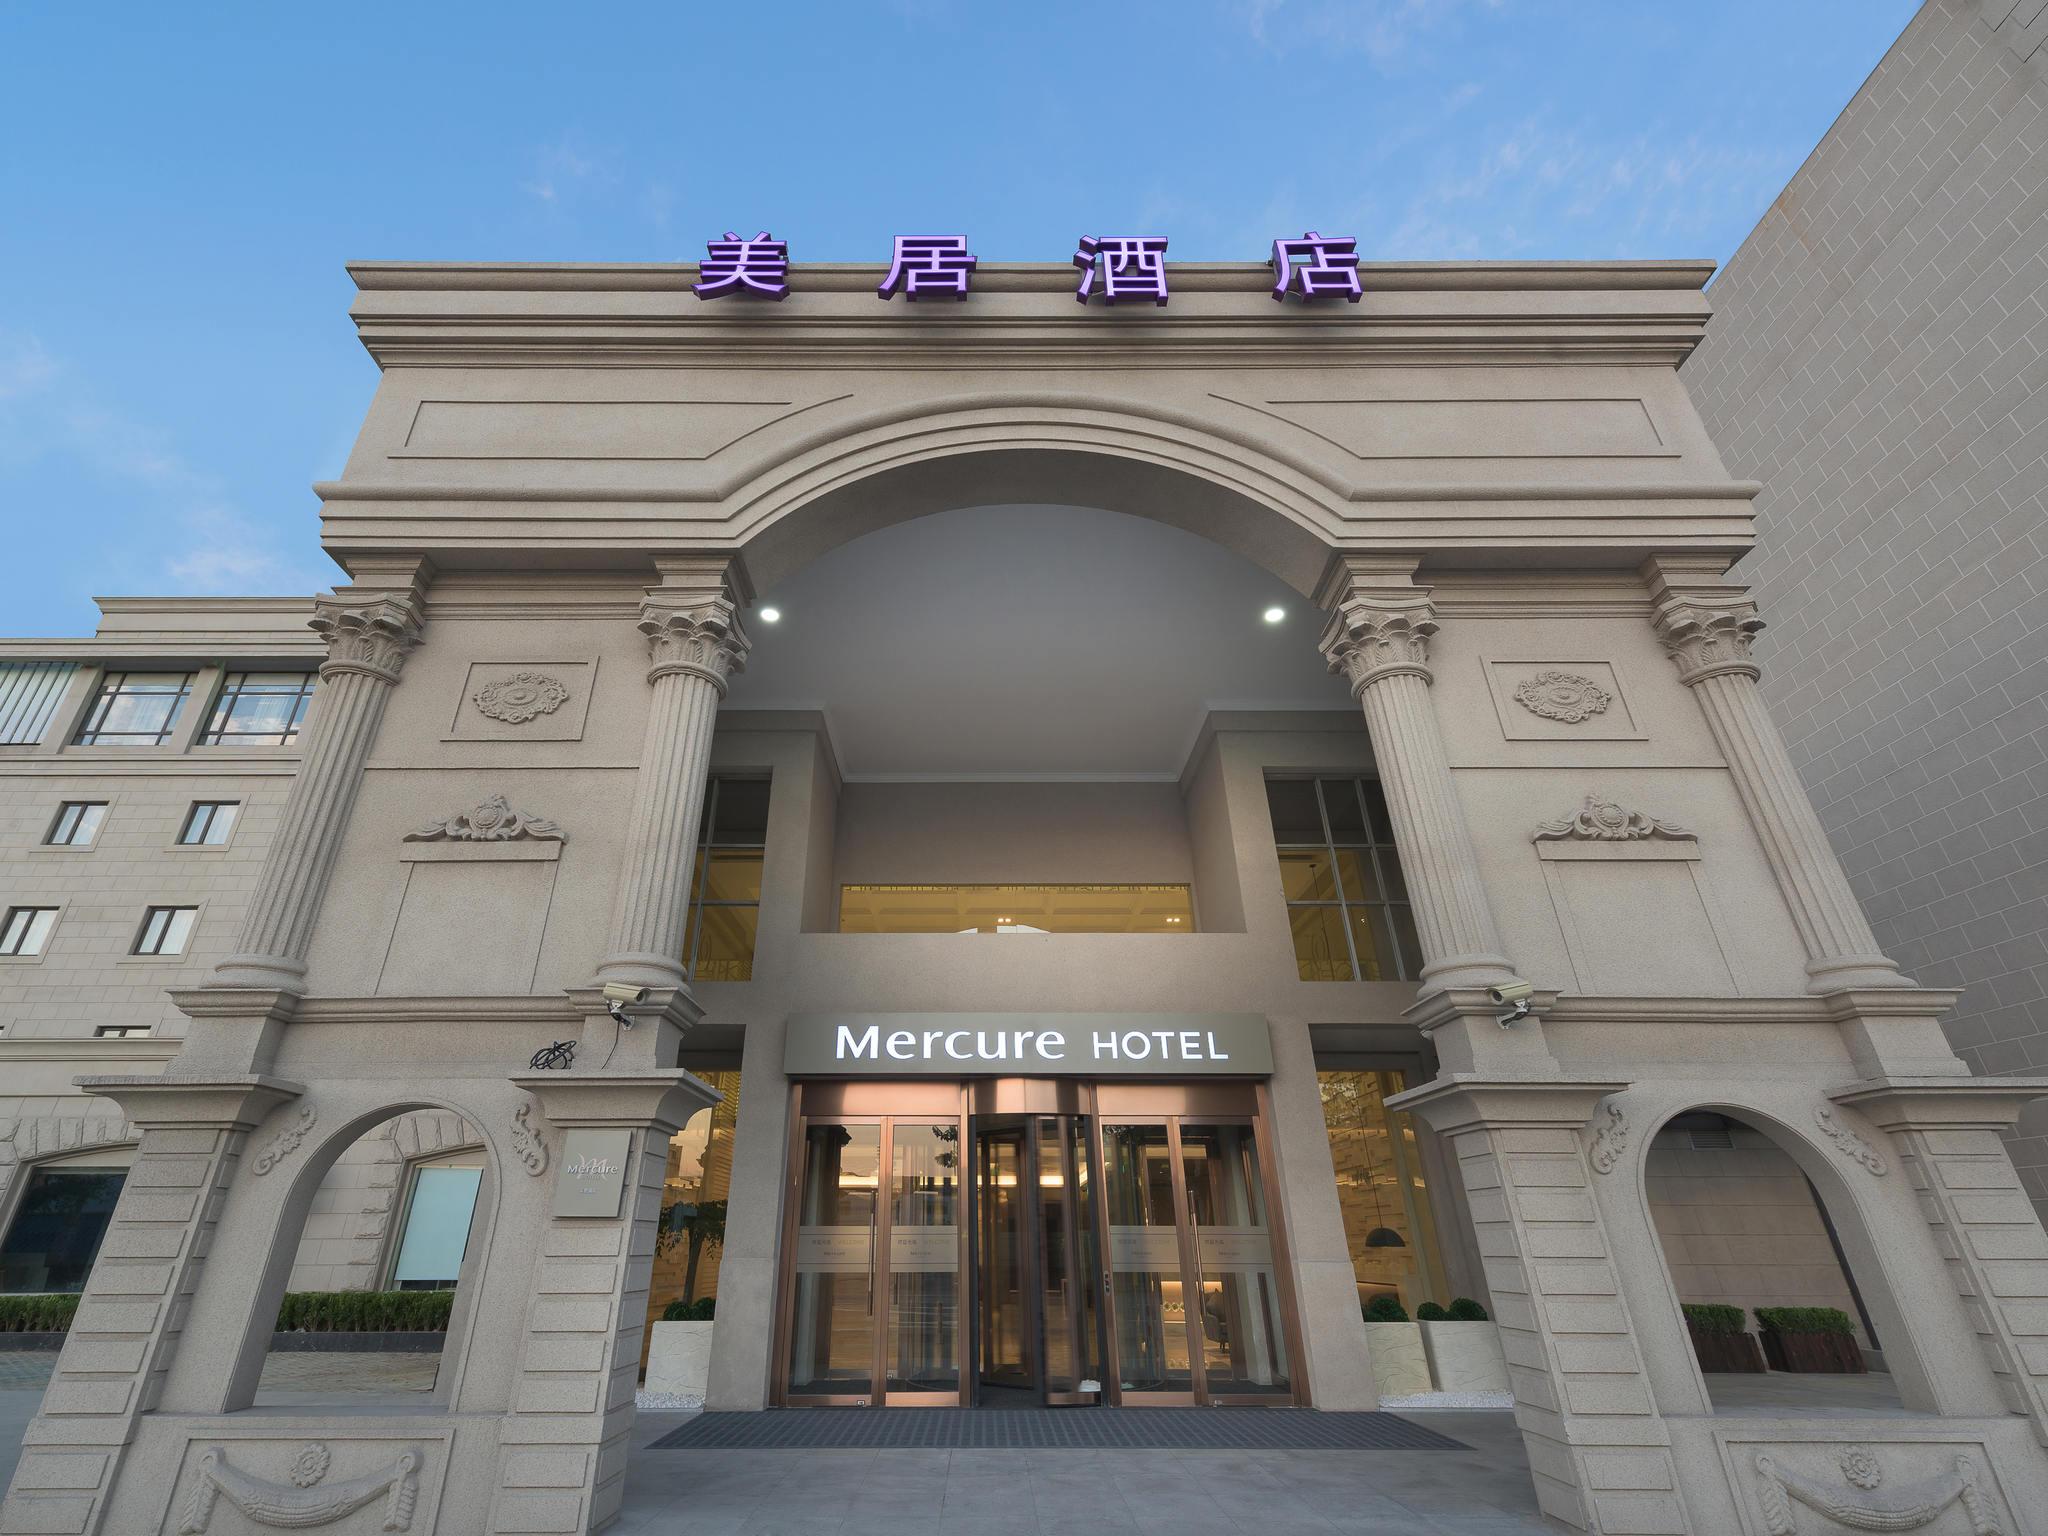 โรงแรม – เมอร์เคียว เซี่ยงไฮ้ หงเฉียว แอร์พอร์ต